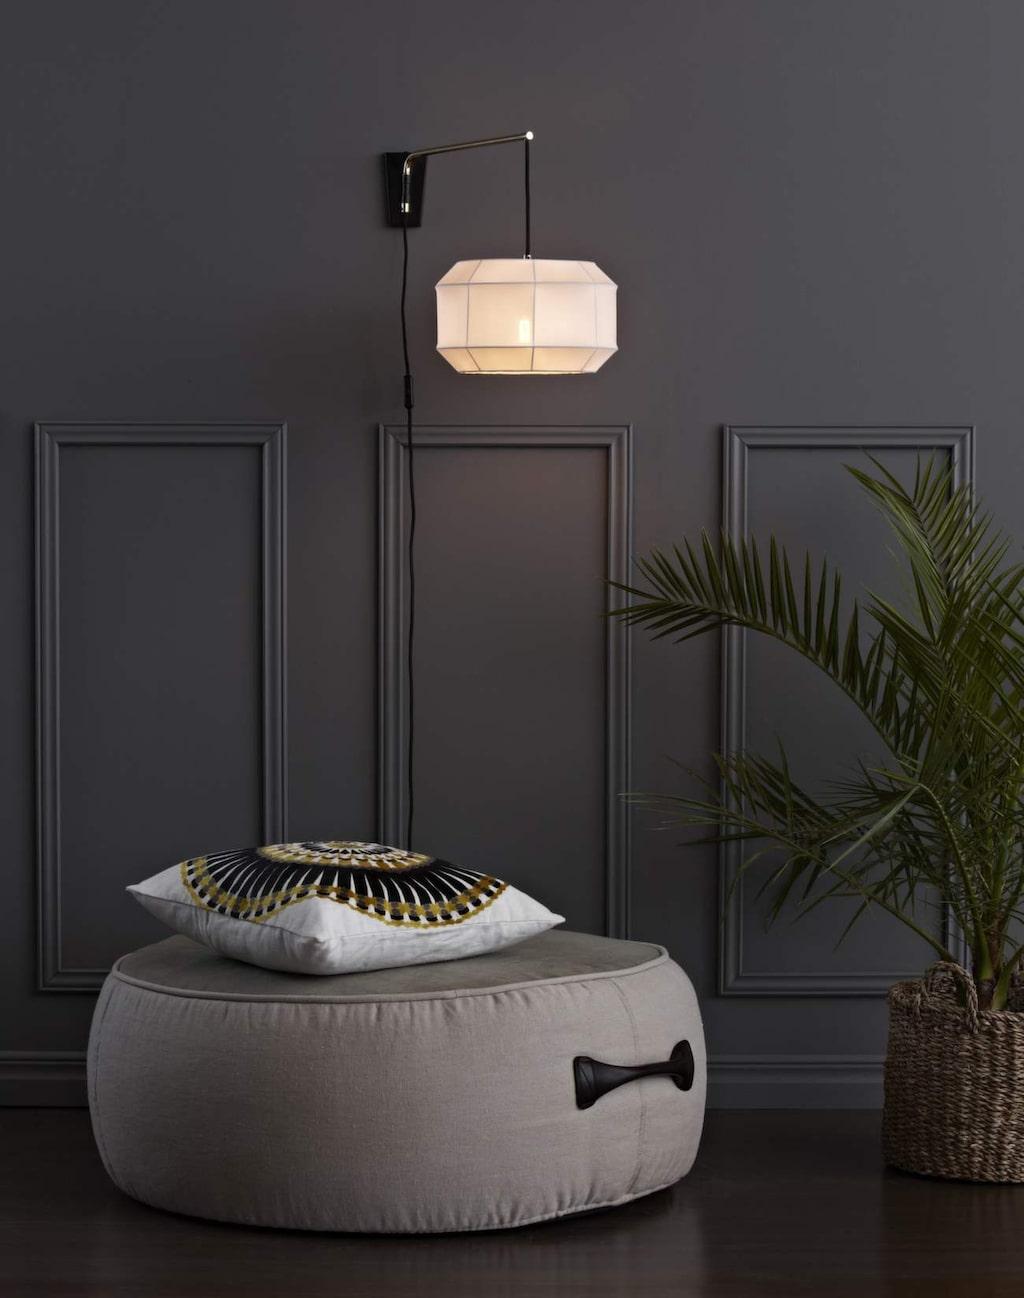 Väggbelysning. Vägglampa Corse med stomme i guldlackad metall. Från Markslöjd, 795 kronor, Belysningsdesign.se.